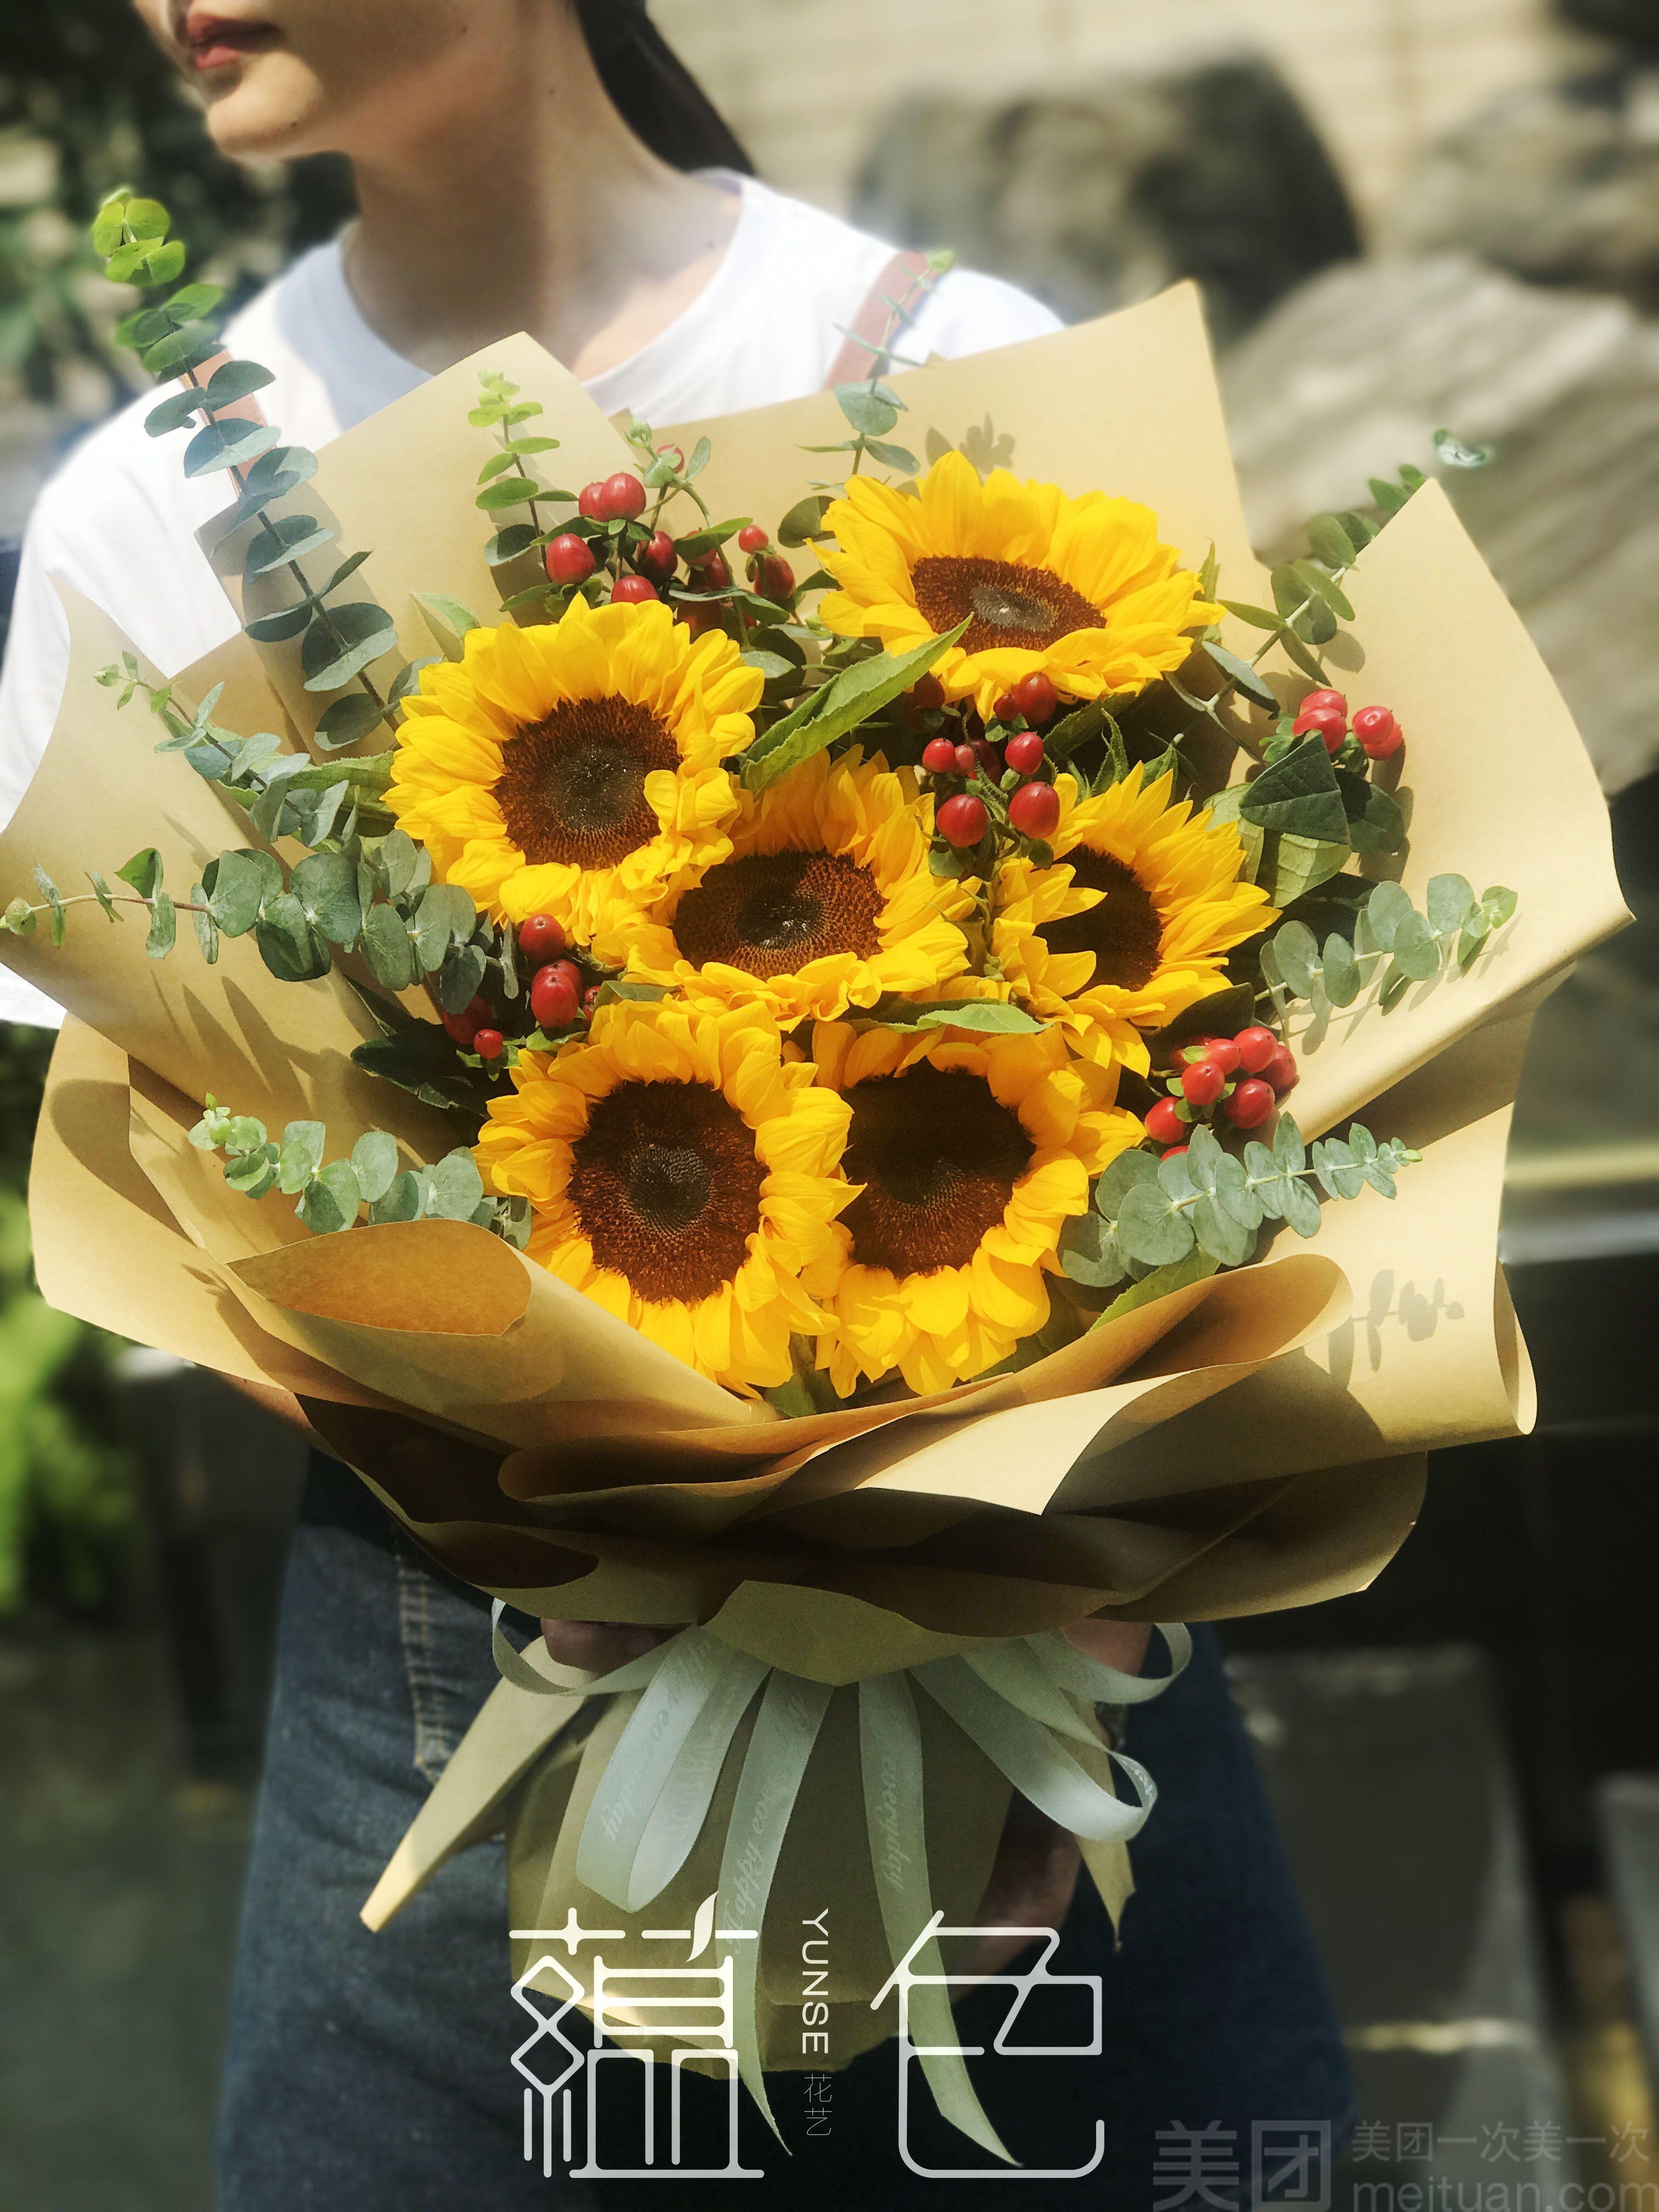 【蕴色花艺】暖阳-向日葵花束